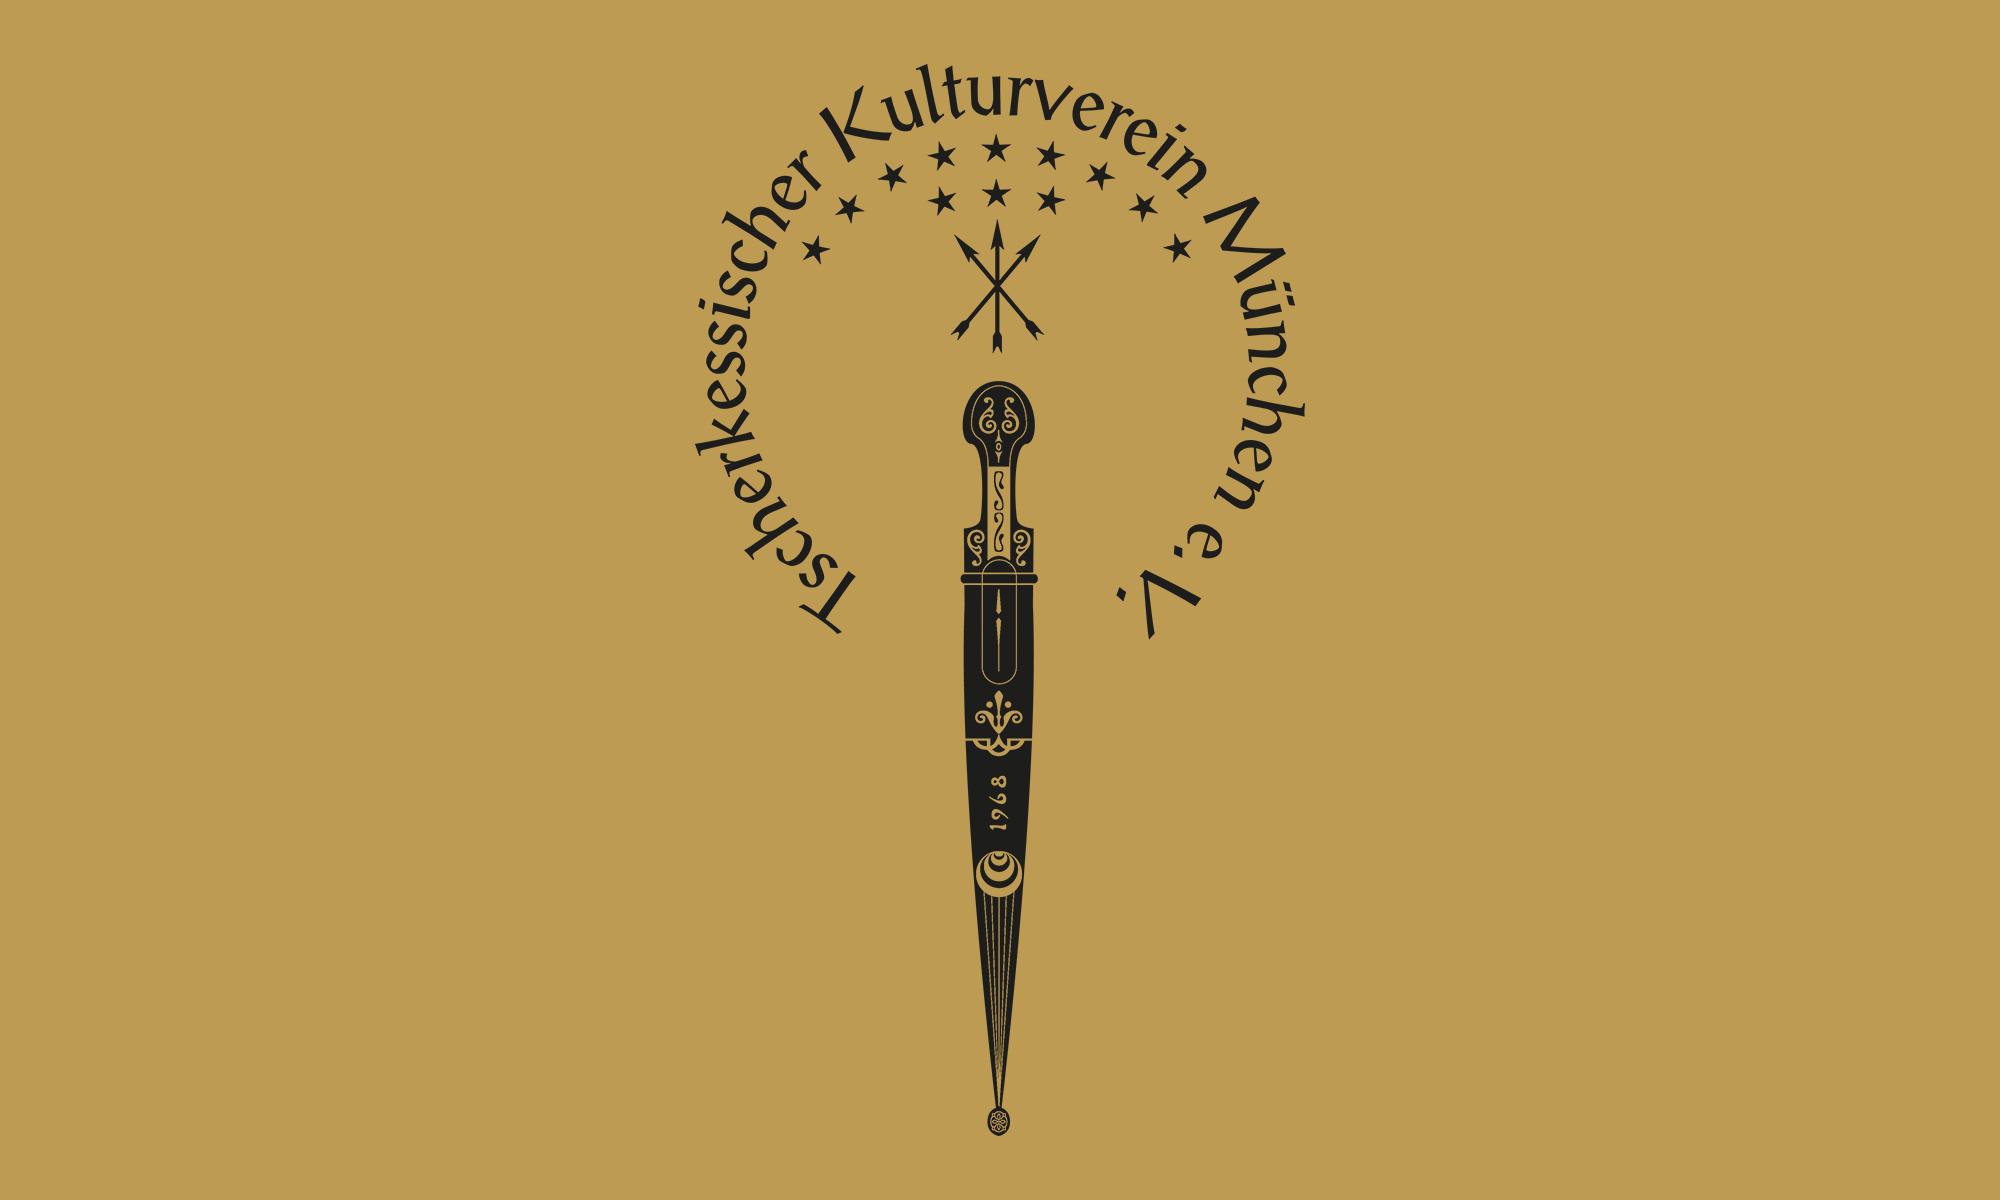 Tscherkessischer Kulturverein München